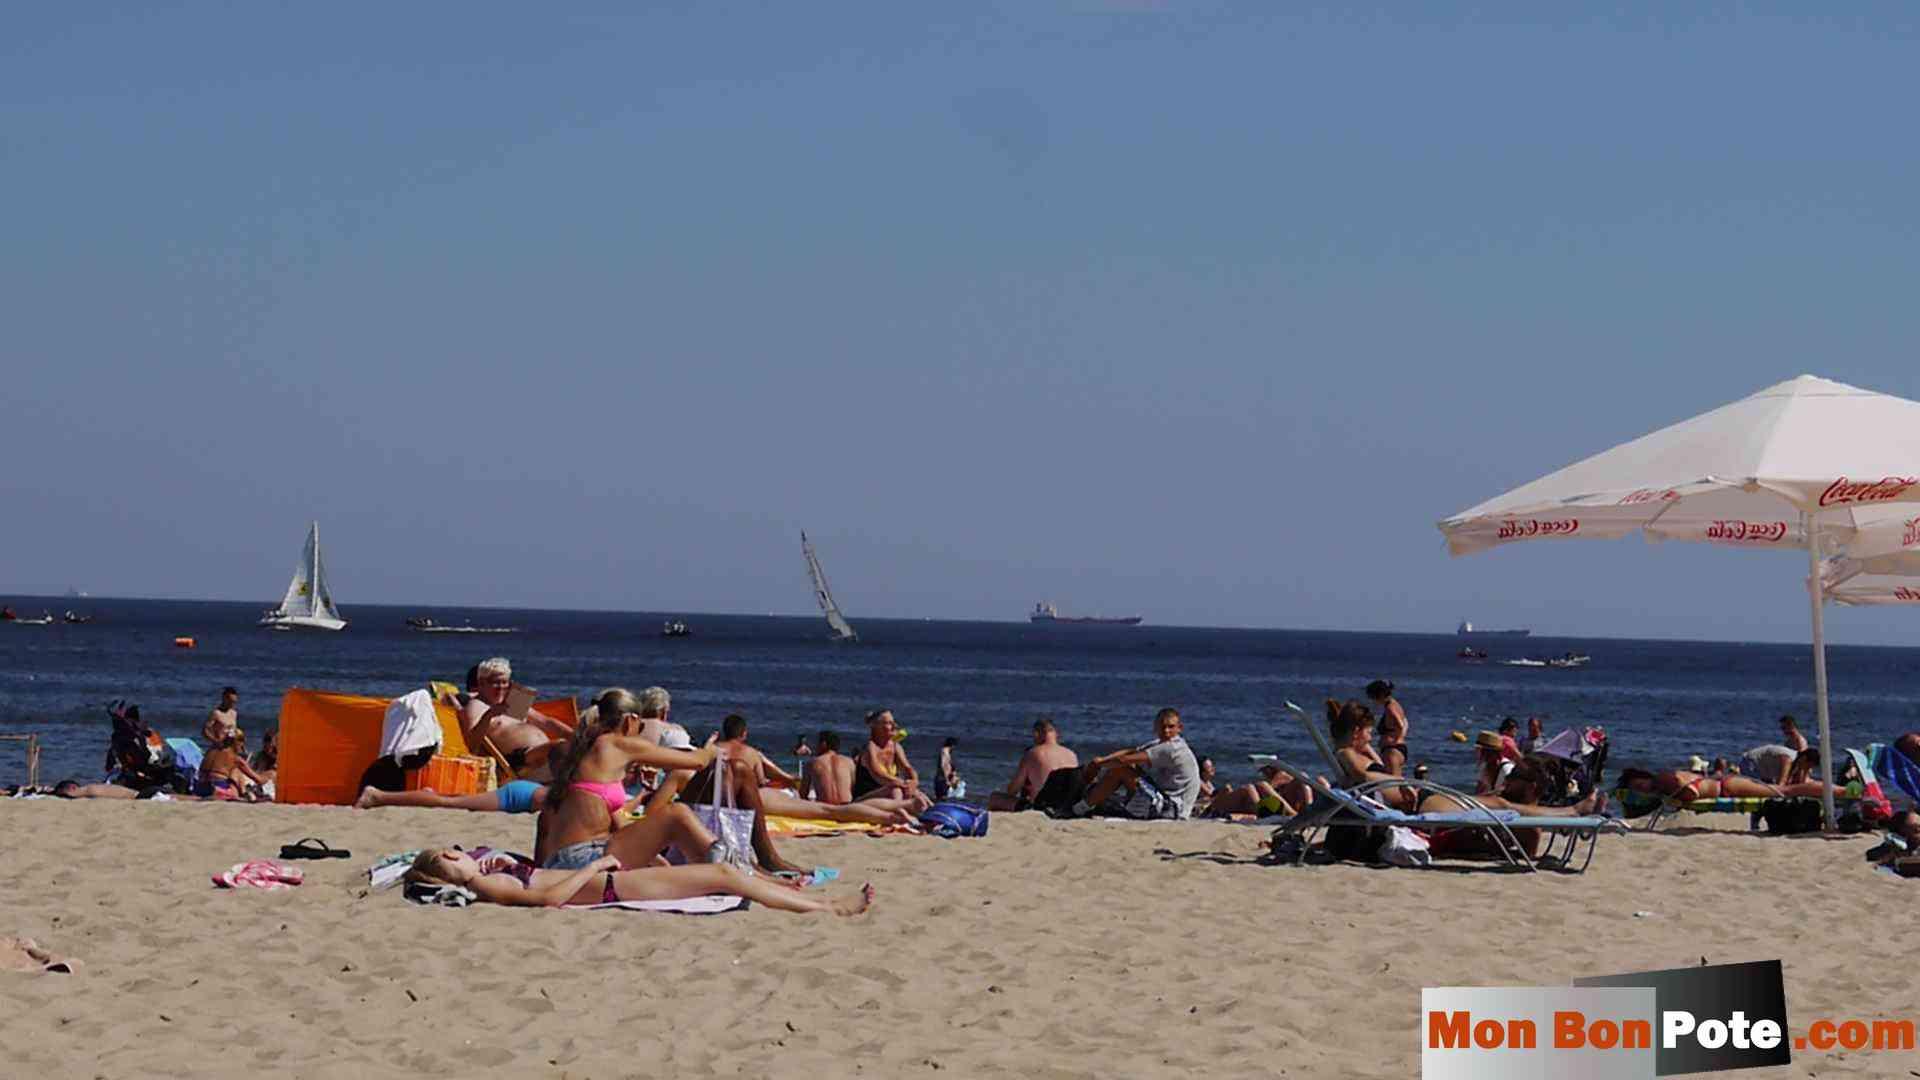 Tricity en Pologne : Fêtes, plages, visites, et filles polonaises